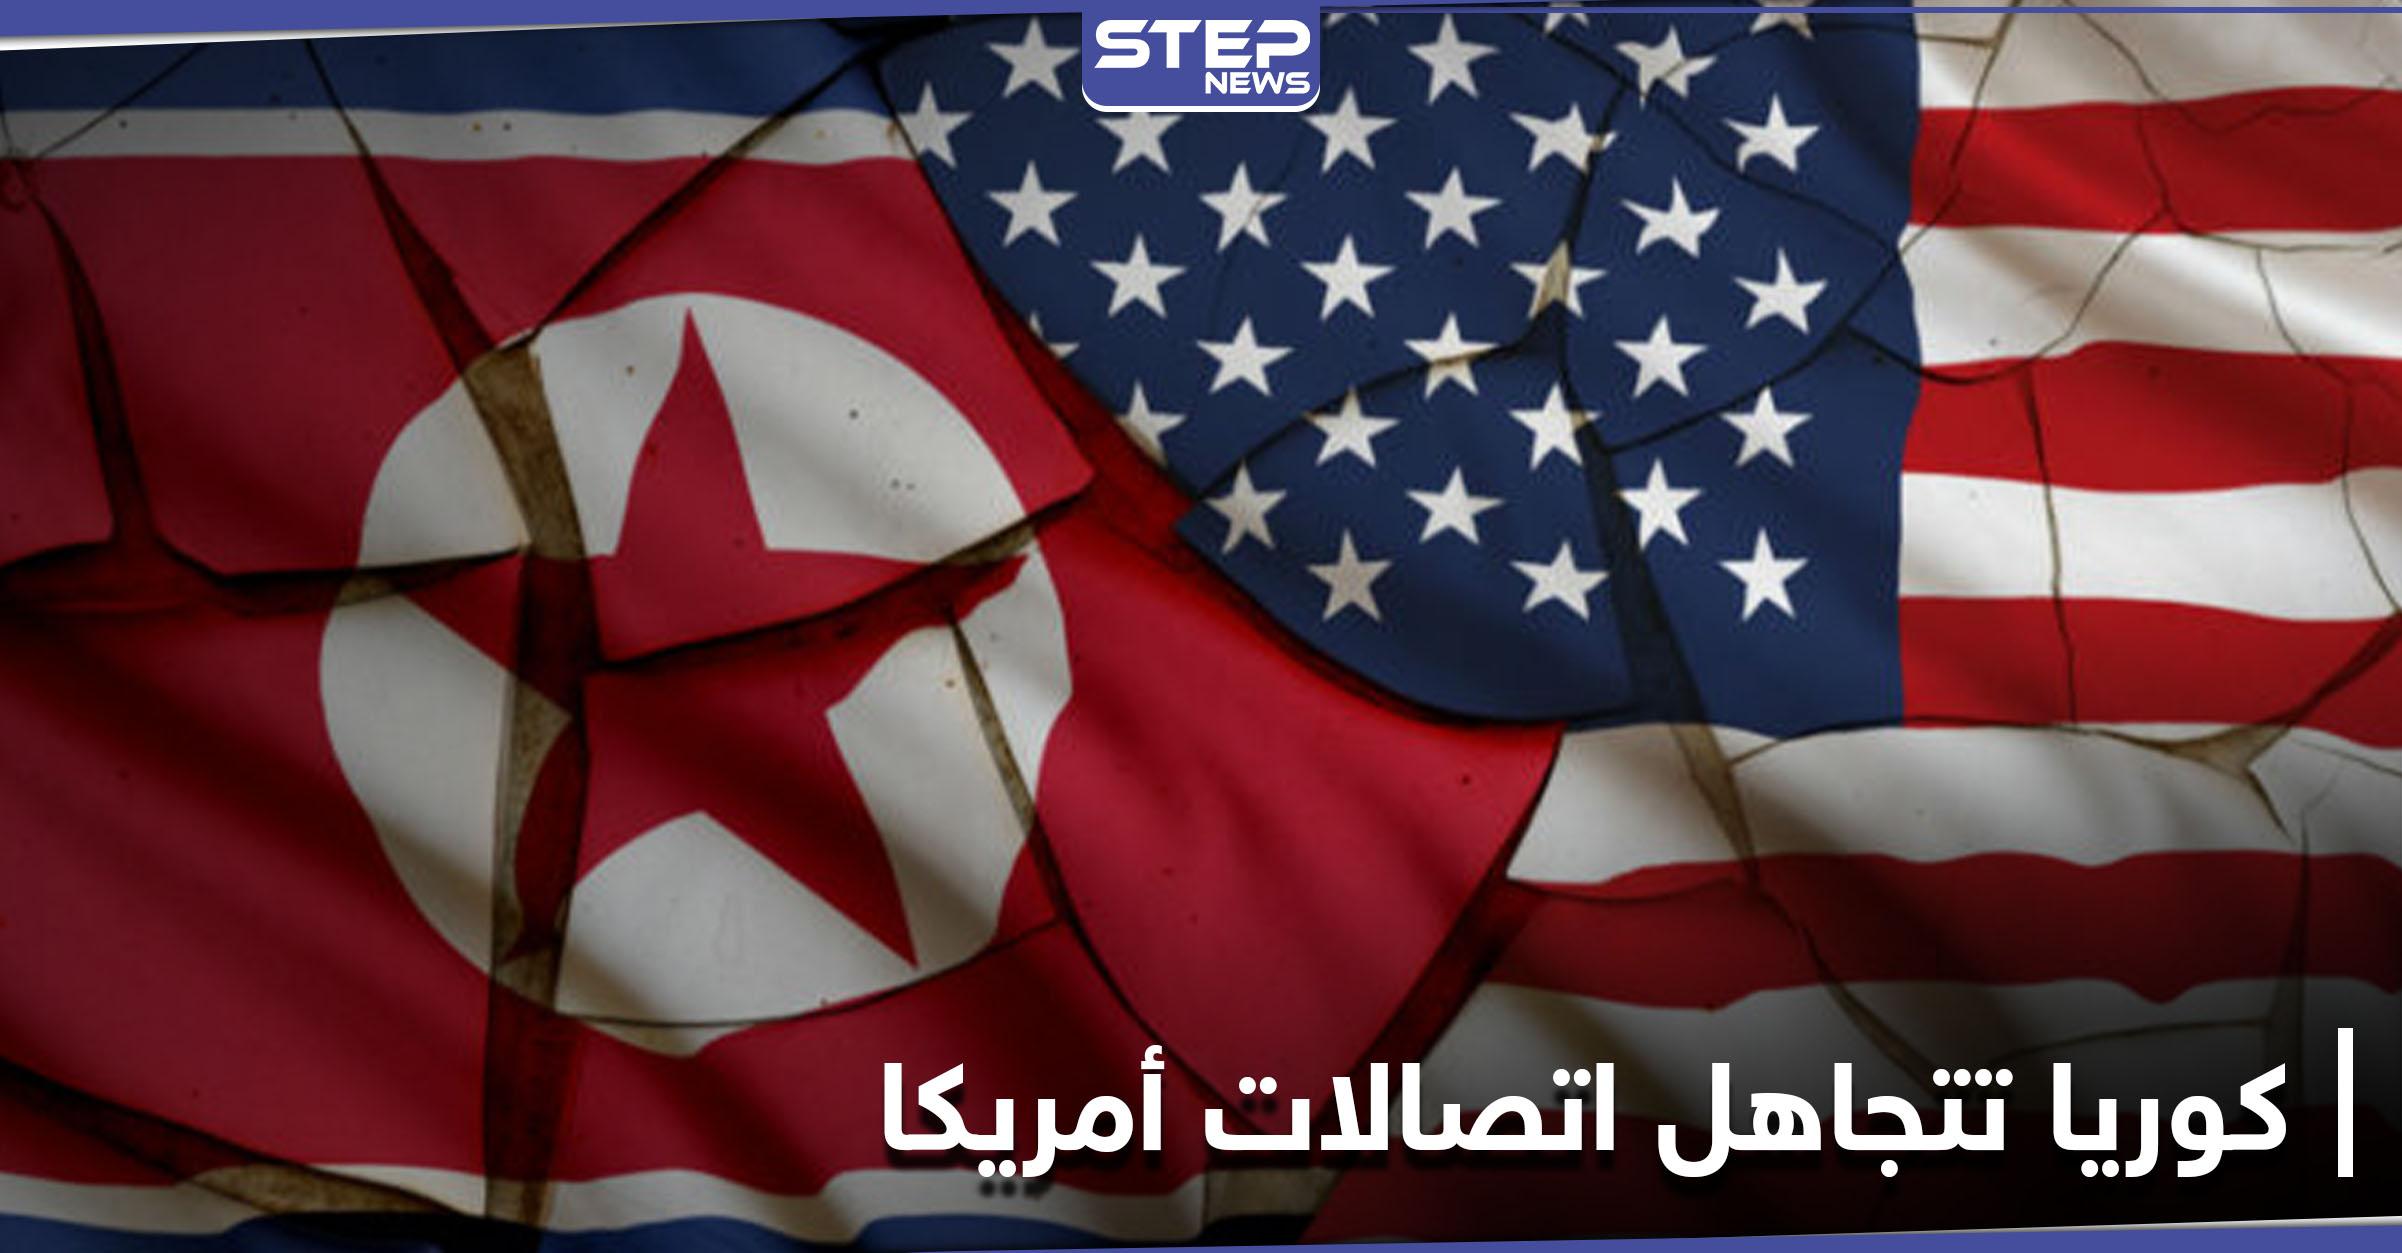 كوريا الشمالية تعلن سبب تجاهلها للاتصالات الأمريكية